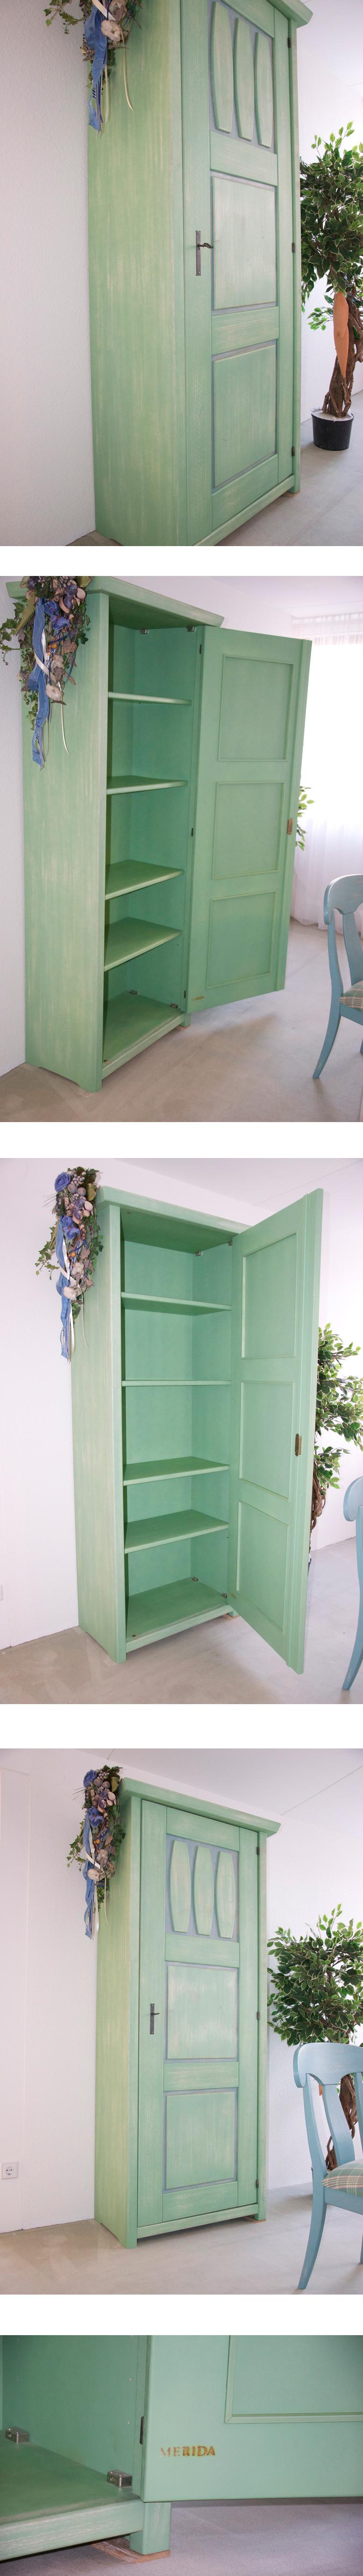 r umungsverkauf wk manufakt programm merida schrank eint rig vintage design ebay. Black Bedroom Furniture Sets. Home Design Ideas